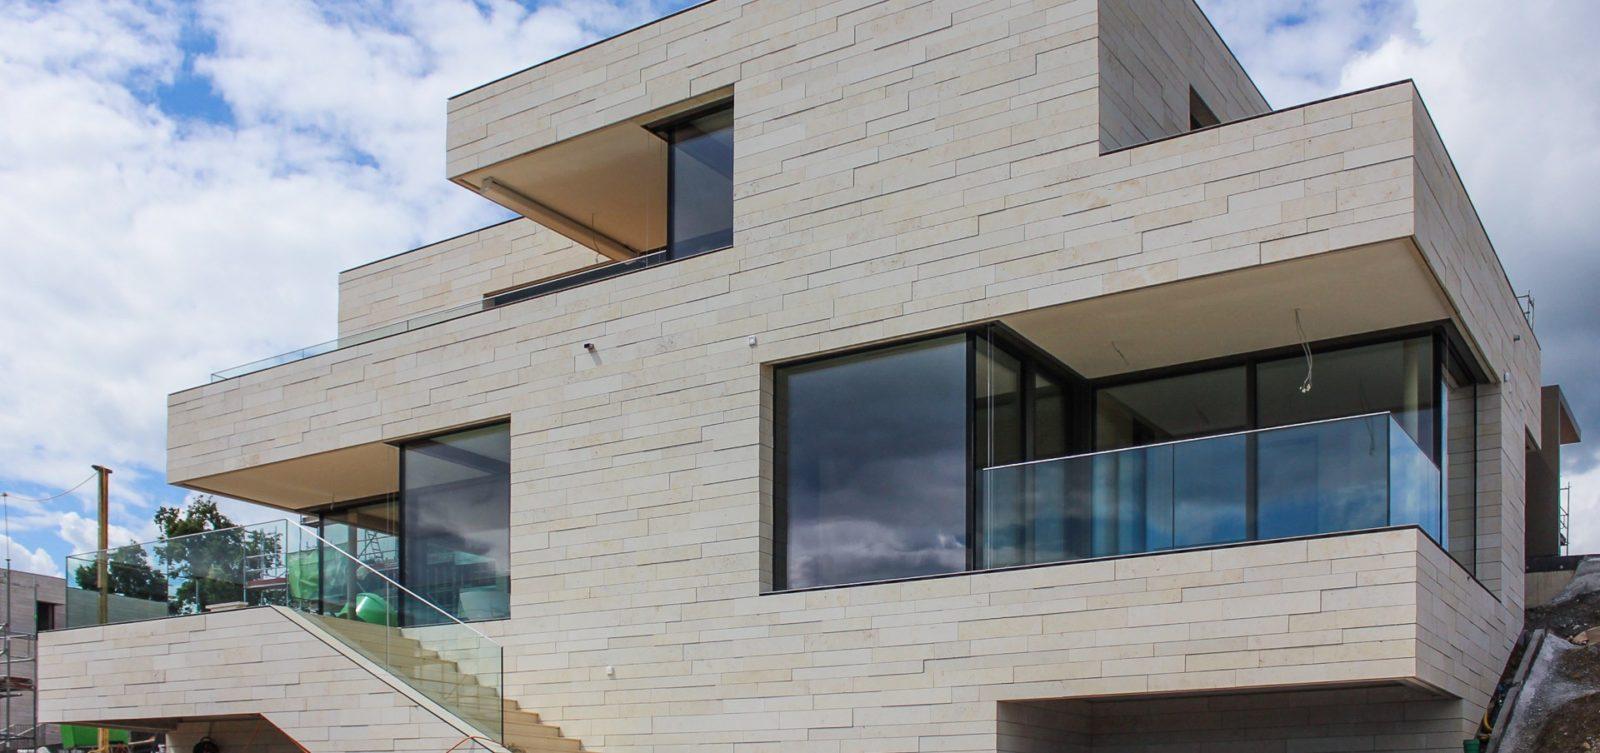 Натуральные и искусственные материалы для отделки фасадов